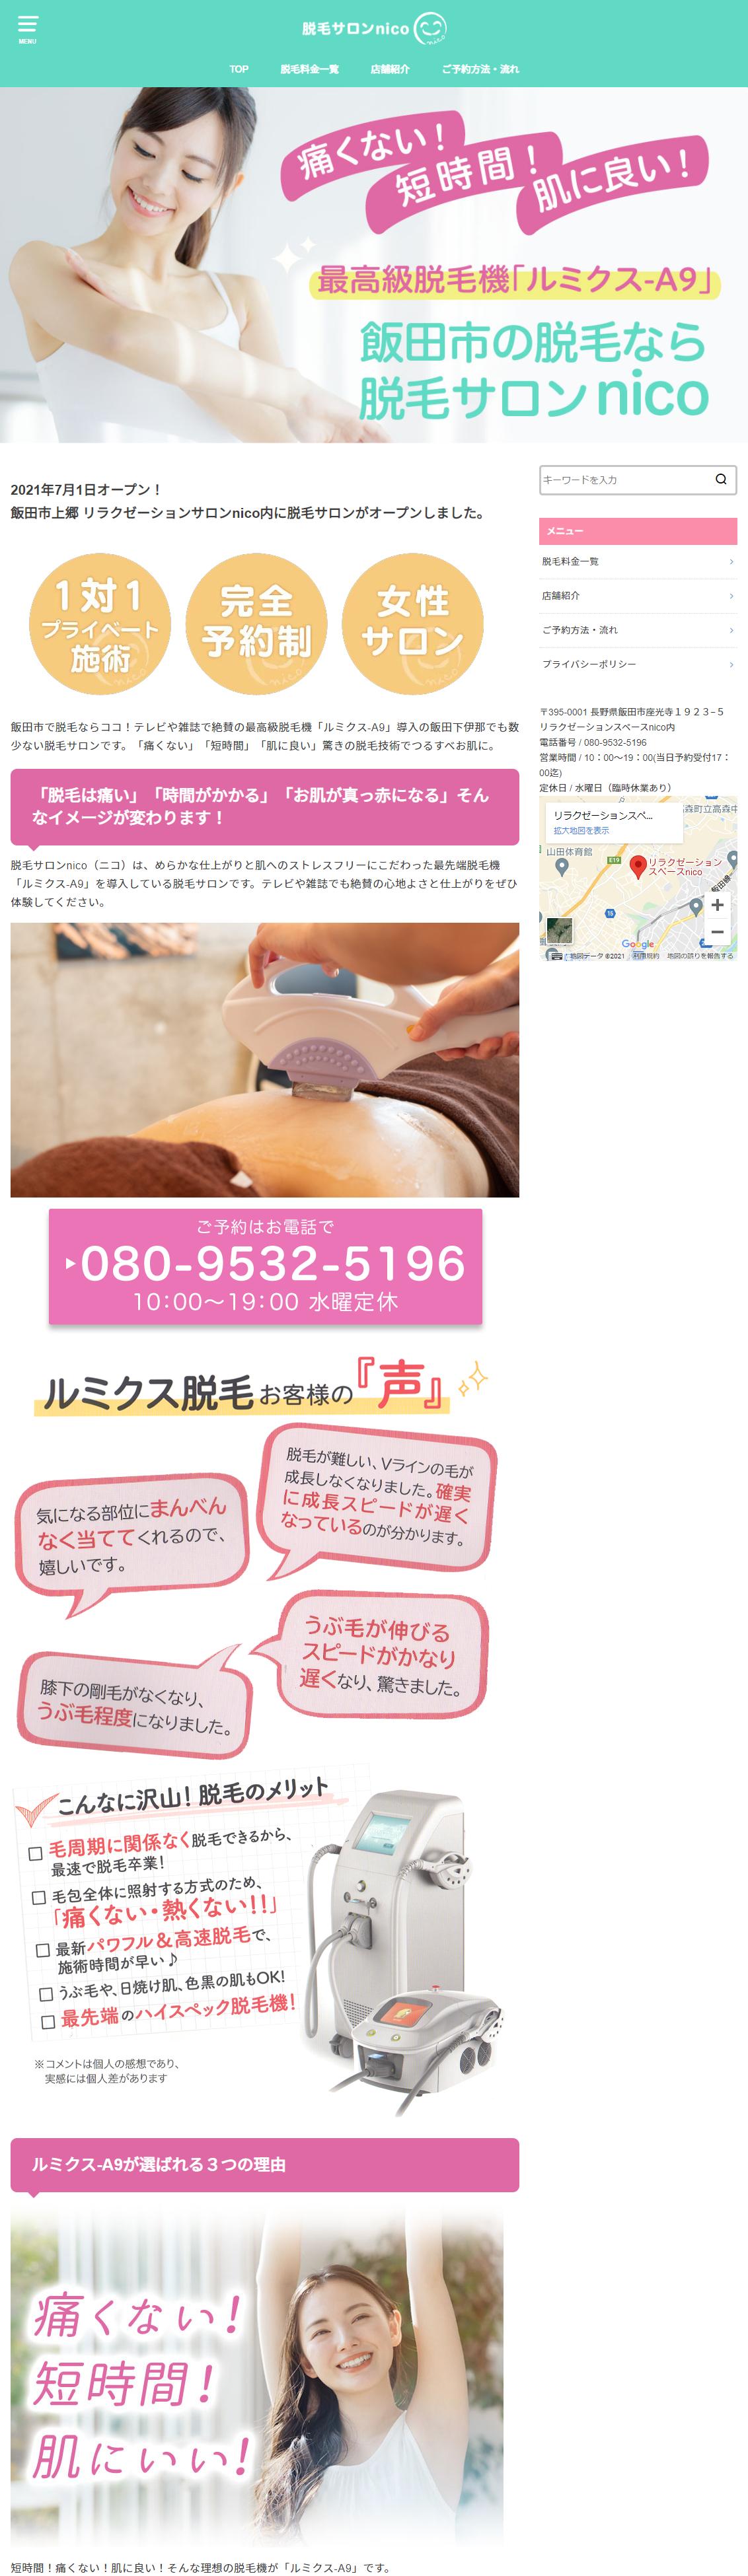 ホームページ制作 飯田市 脱毛サロンnico様